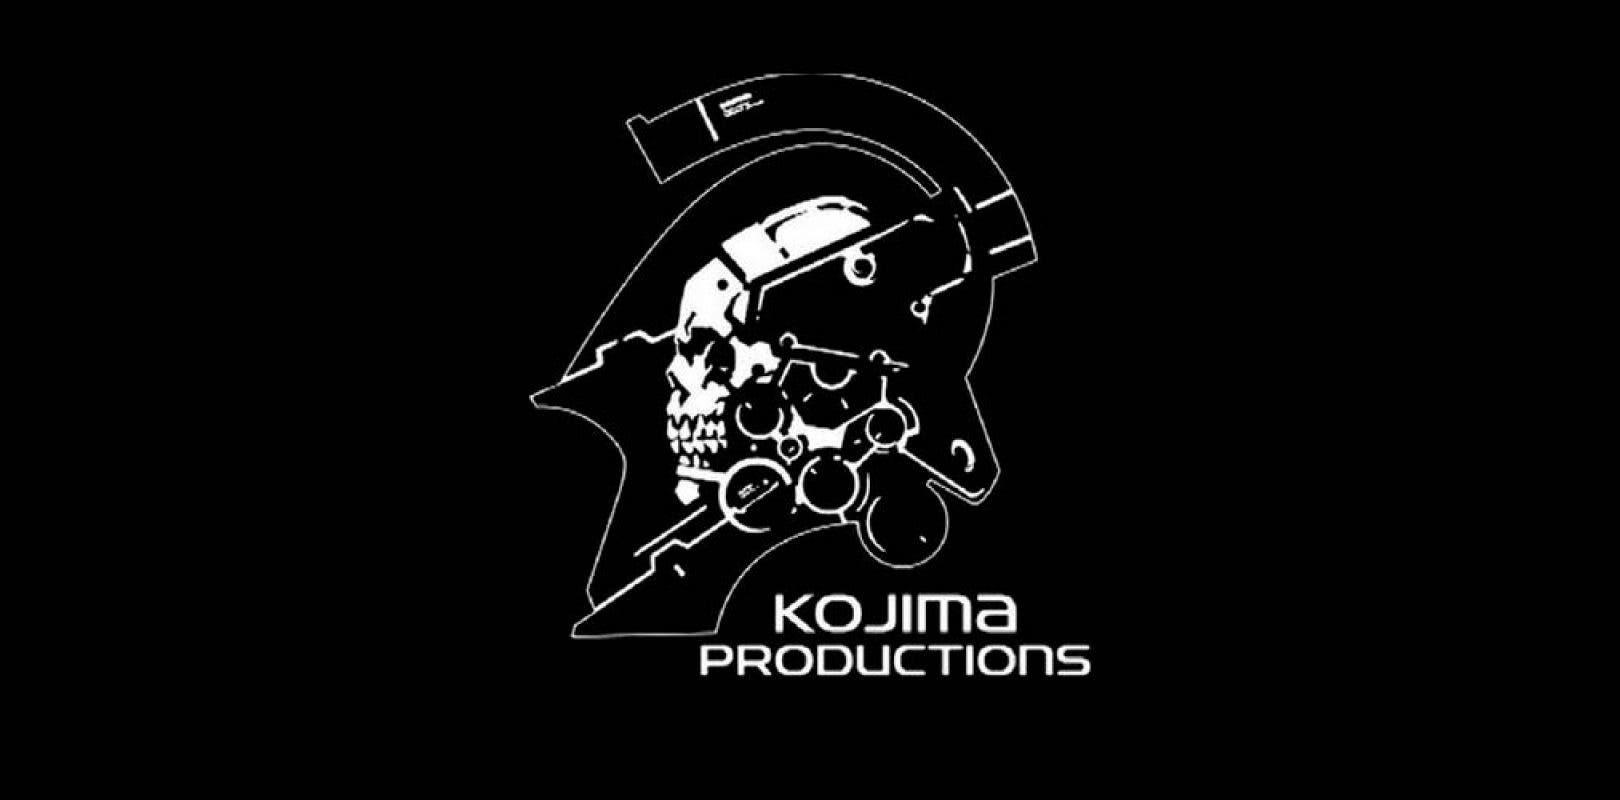 El acuerdo entre Kojima y Microsoft sigue en marcha, apunta Jeff Grubb 4